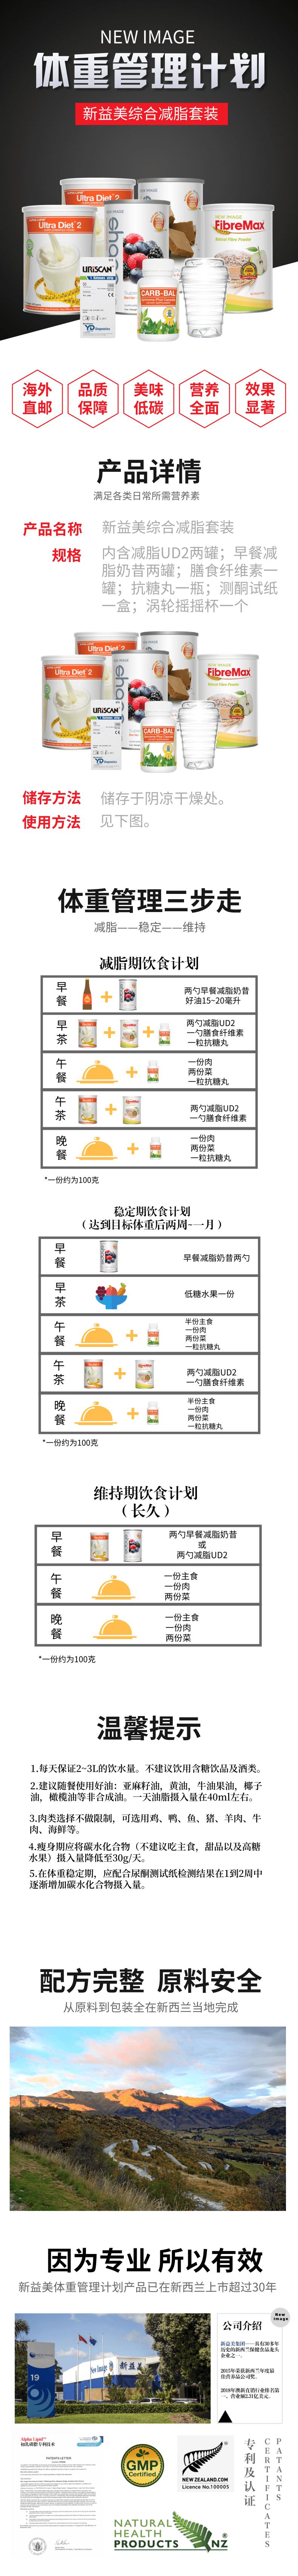 TB详情_R_综合版全家福_自定义px_2019.07.03 (1).png